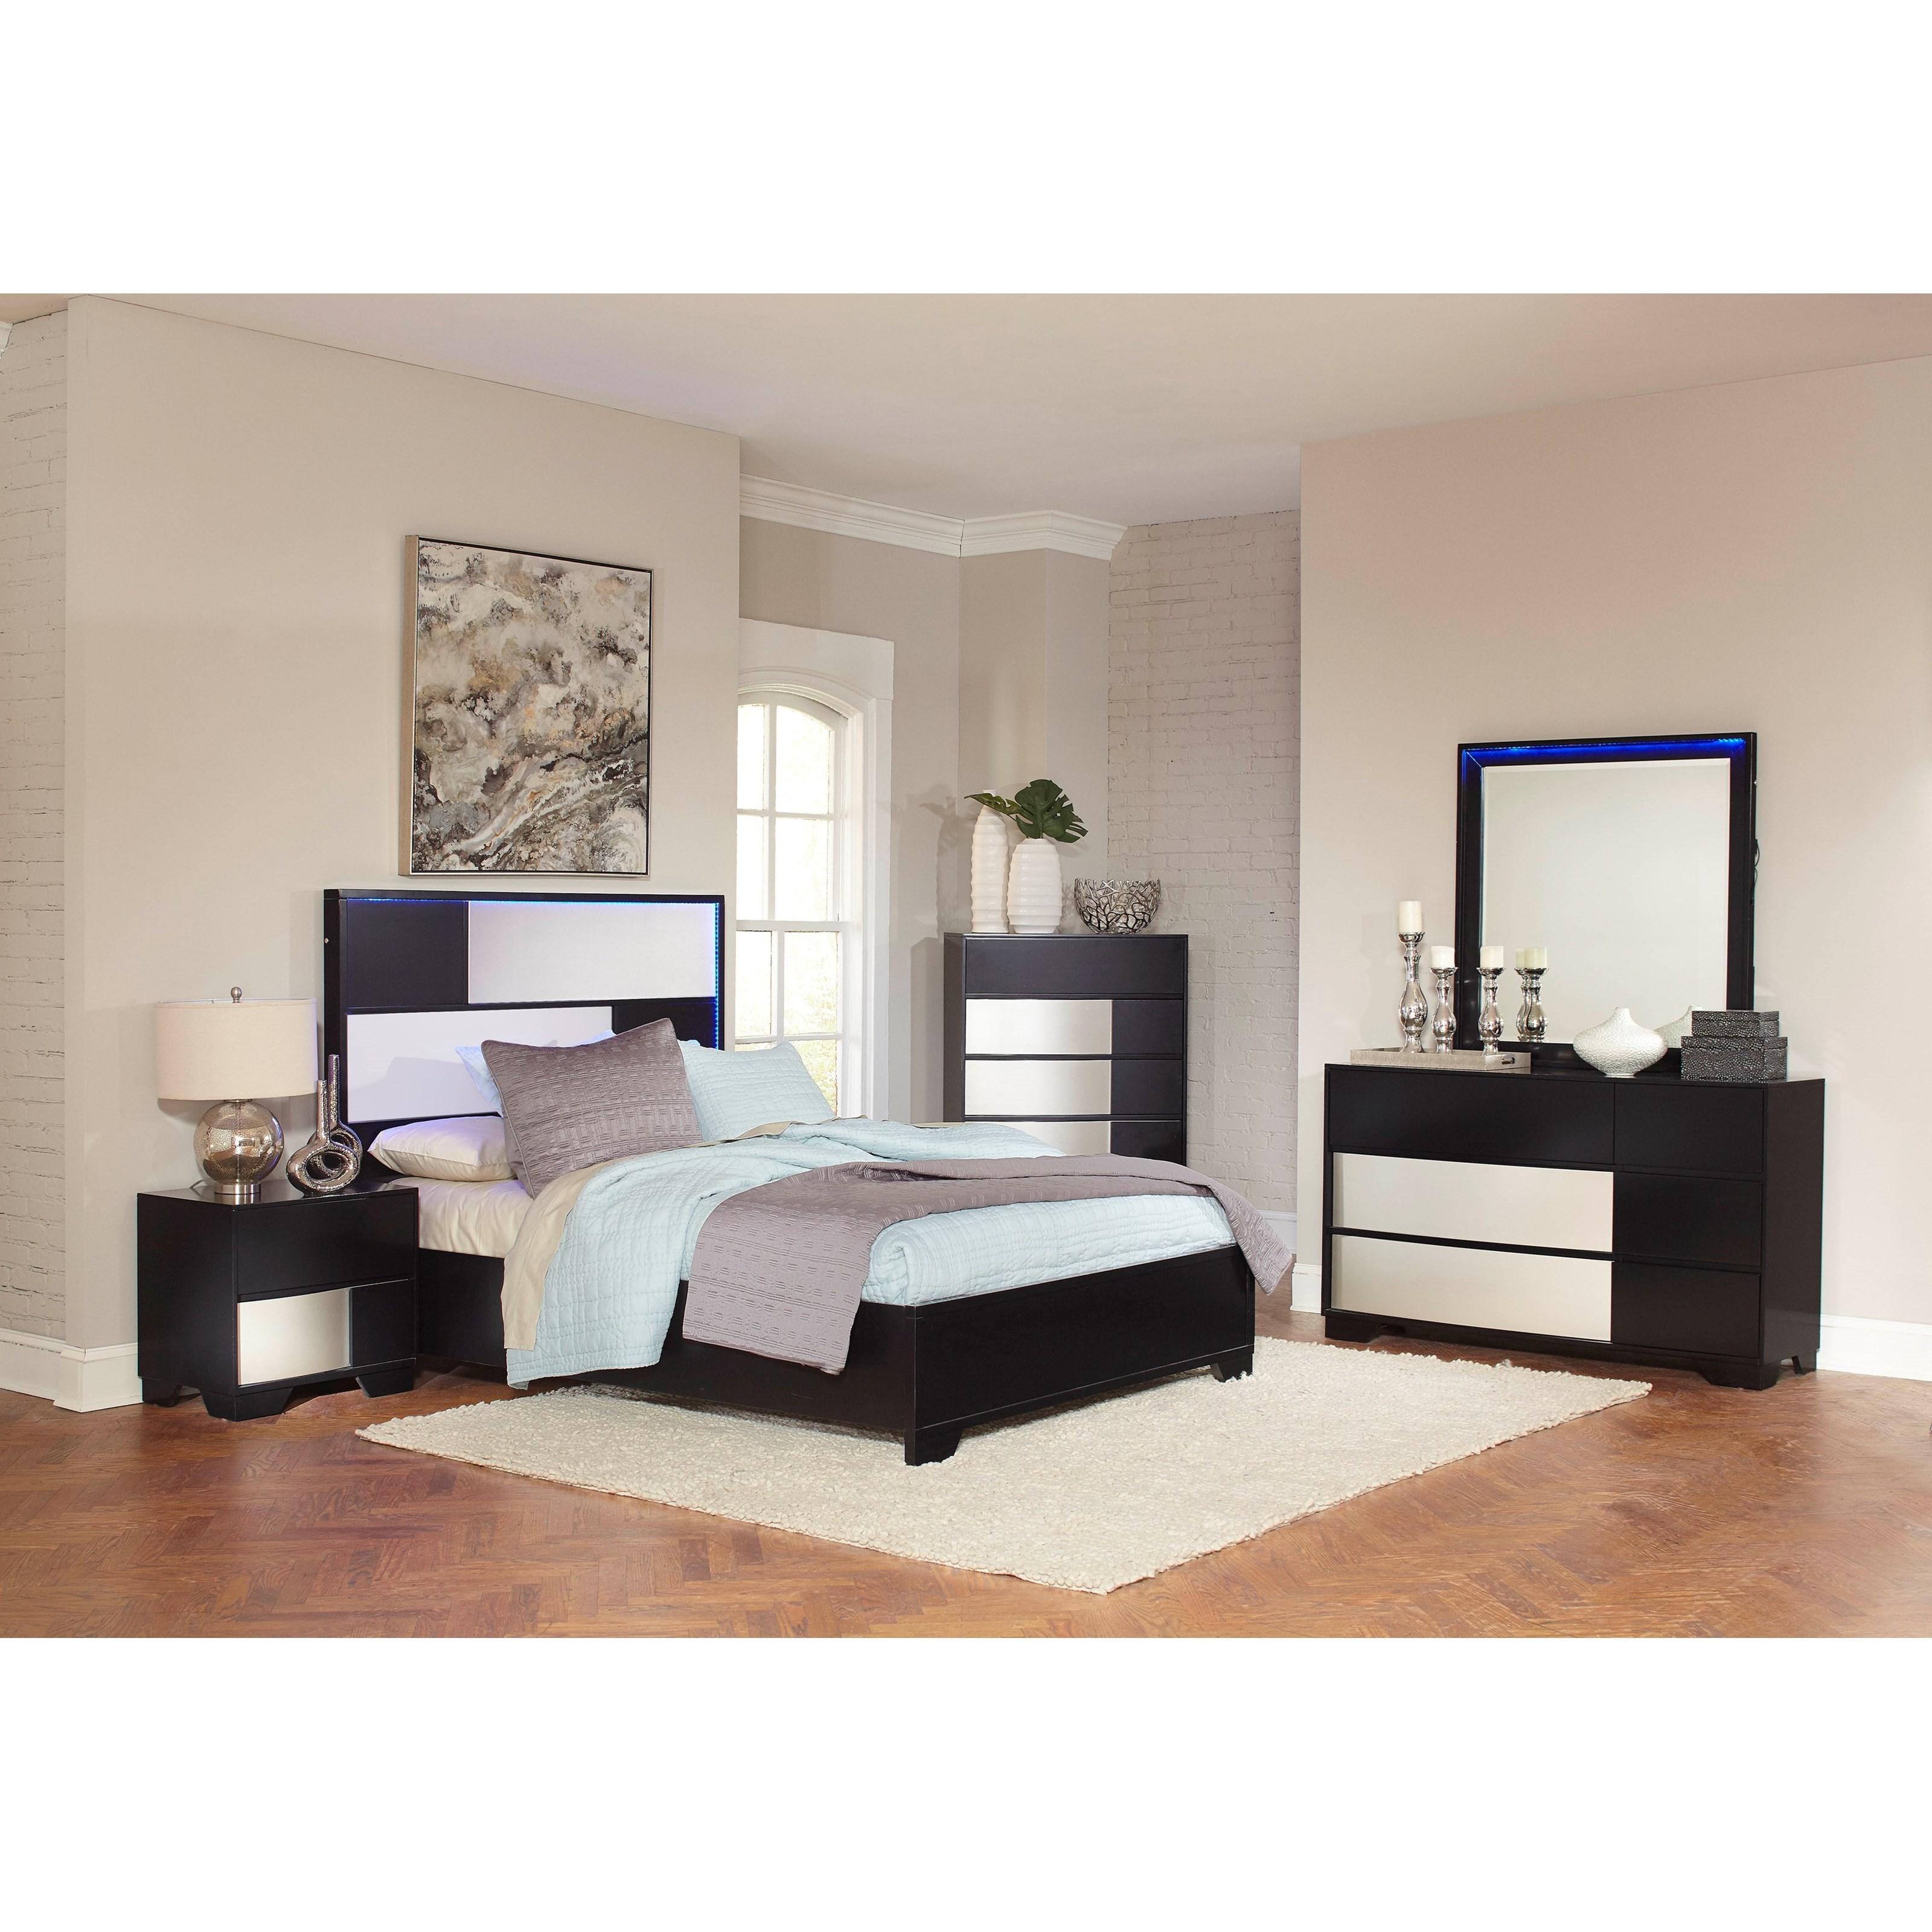 Coaster Havering King Bedroom Group - Item Number: 20478 K Bedroom Group 1